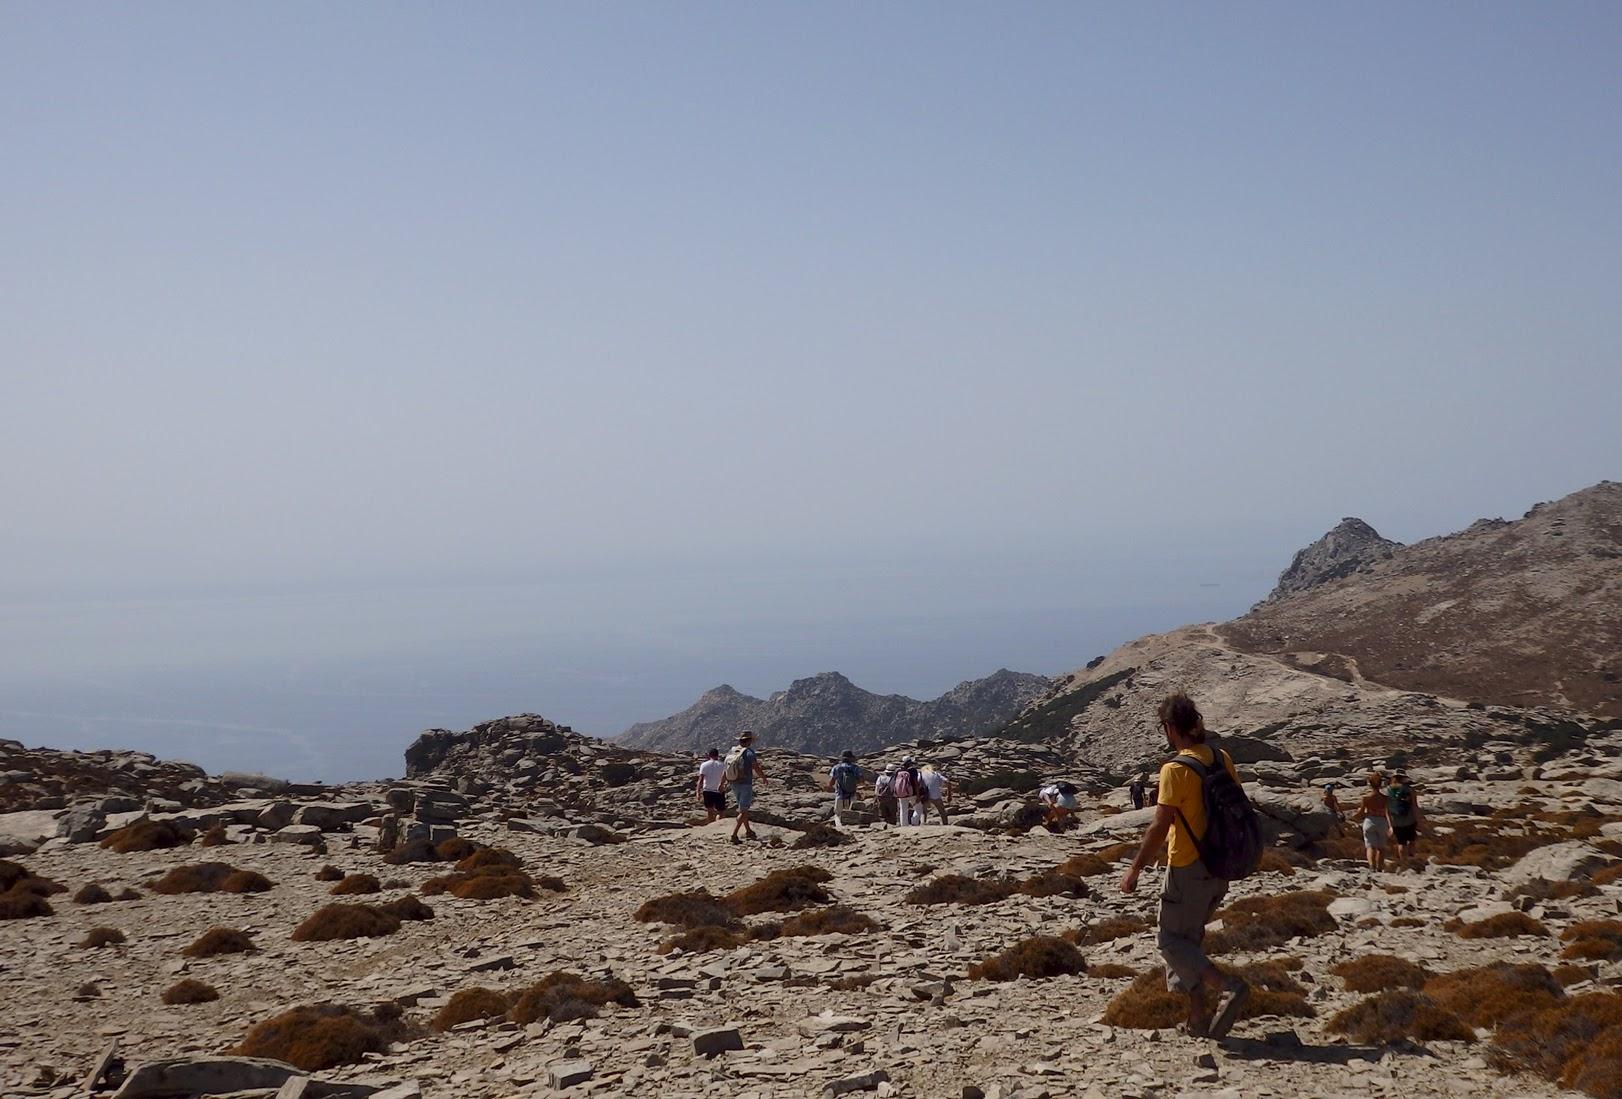 Ερημοποιημένα τοπία στο μονοπάτι κατεβαίνοντας από τη Μέλισσα με προορισμό τον Άγιο Ισίδωρο